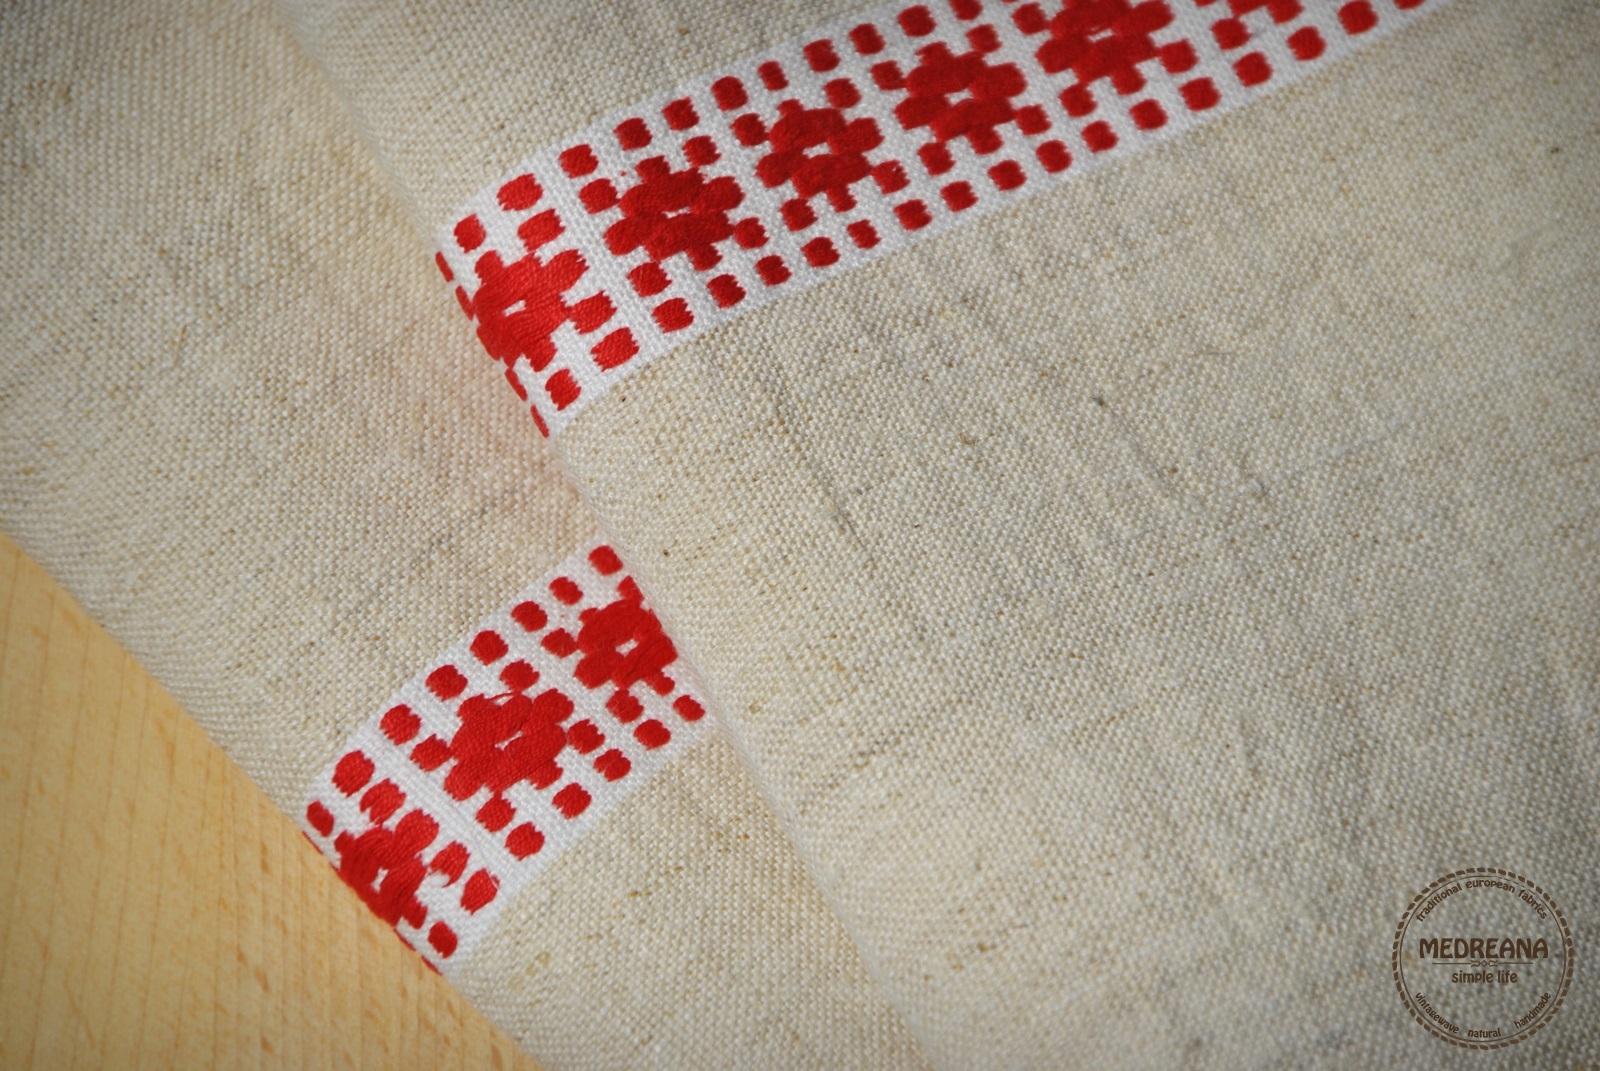 Medreana Set Of 2 Vintage Kitchen Towels Red Decor Stripes